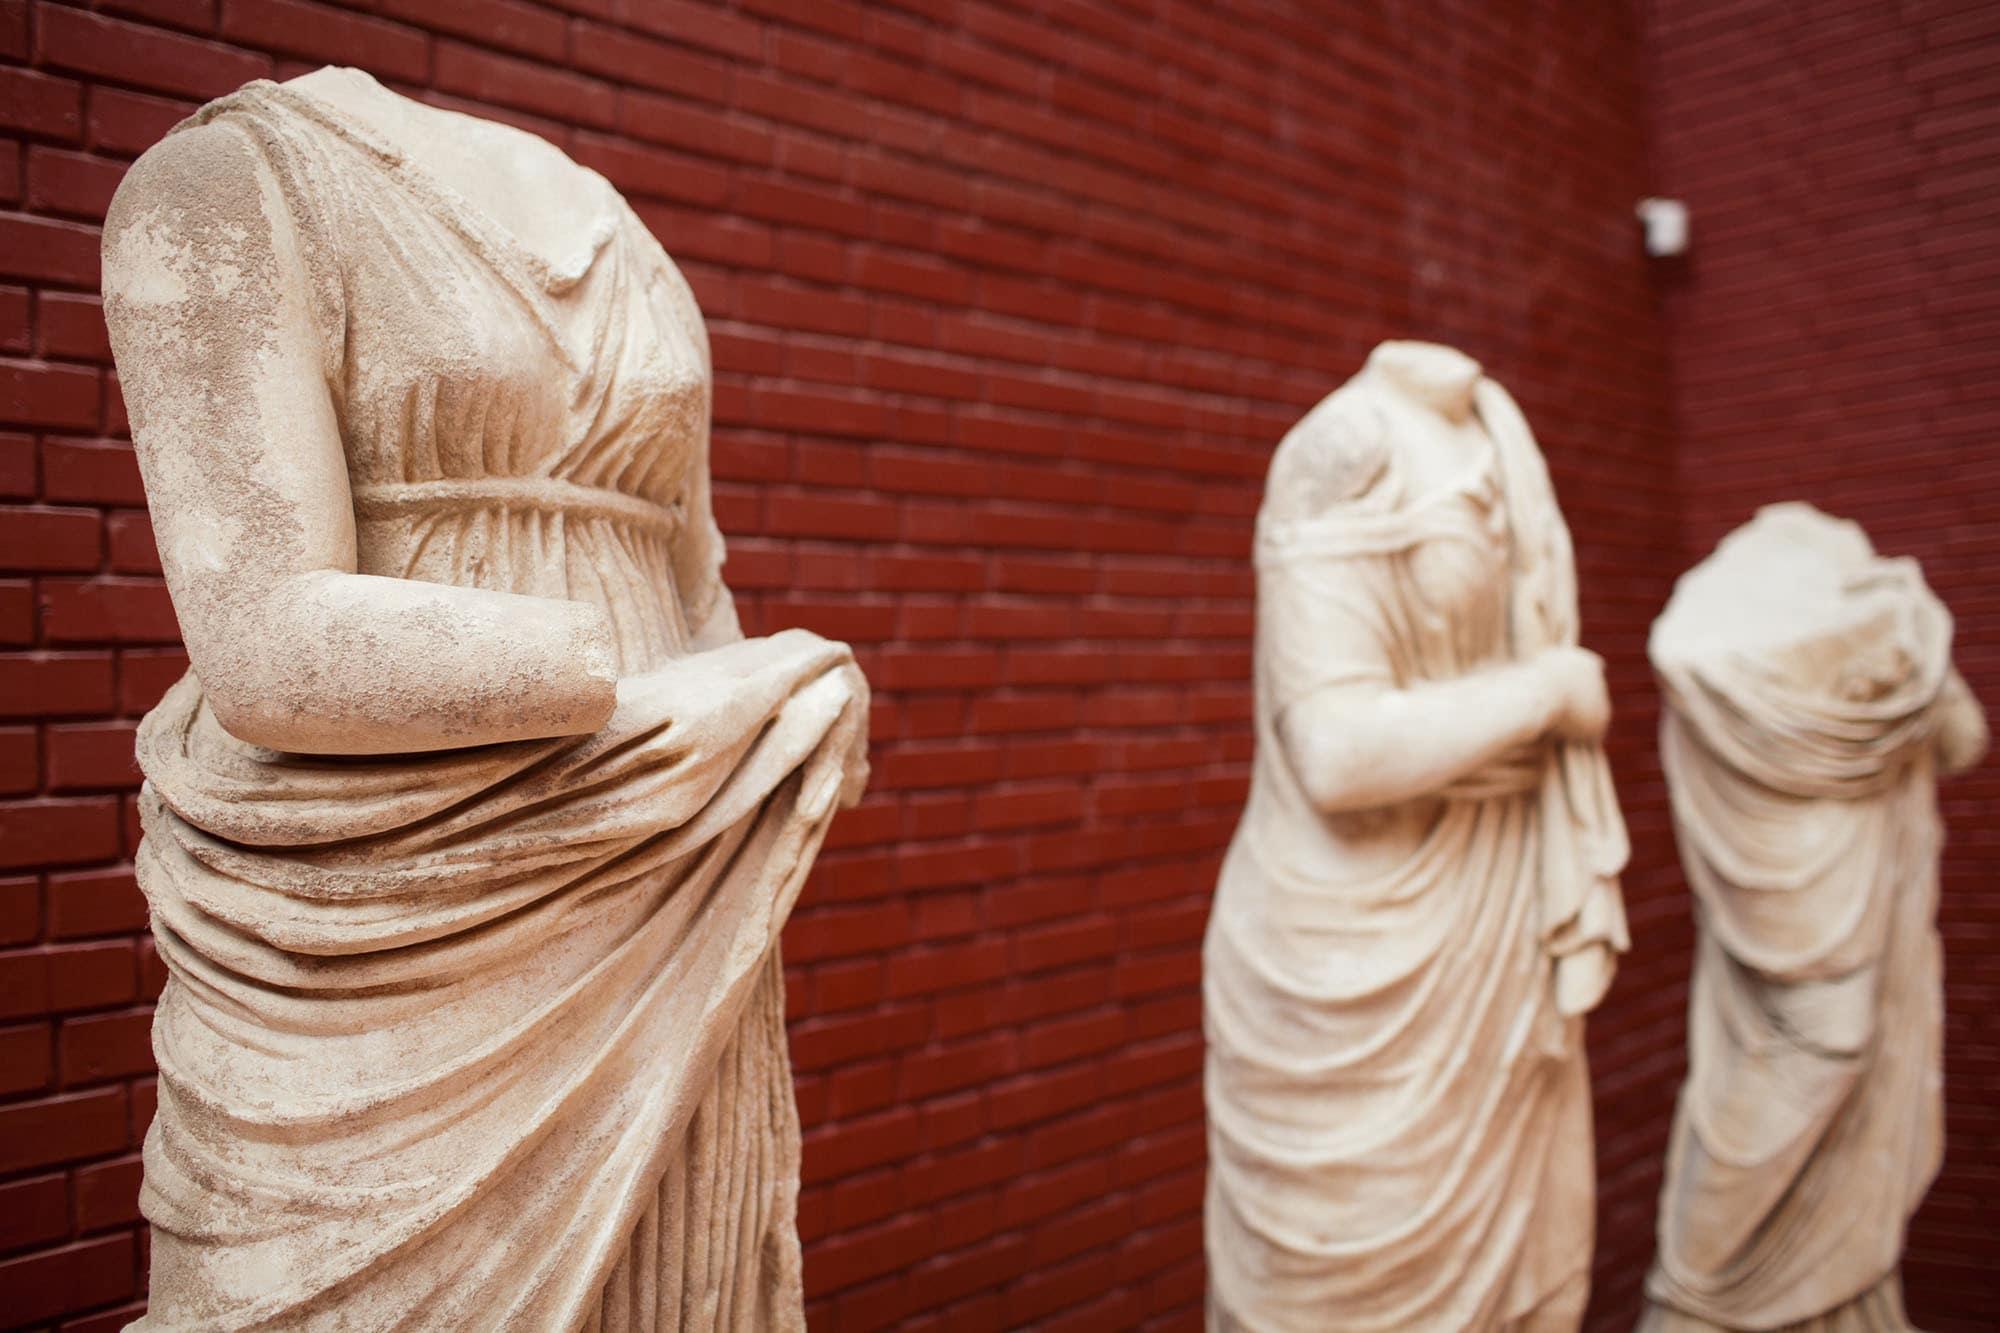 Ephesus Museum, Selcuk Turkey